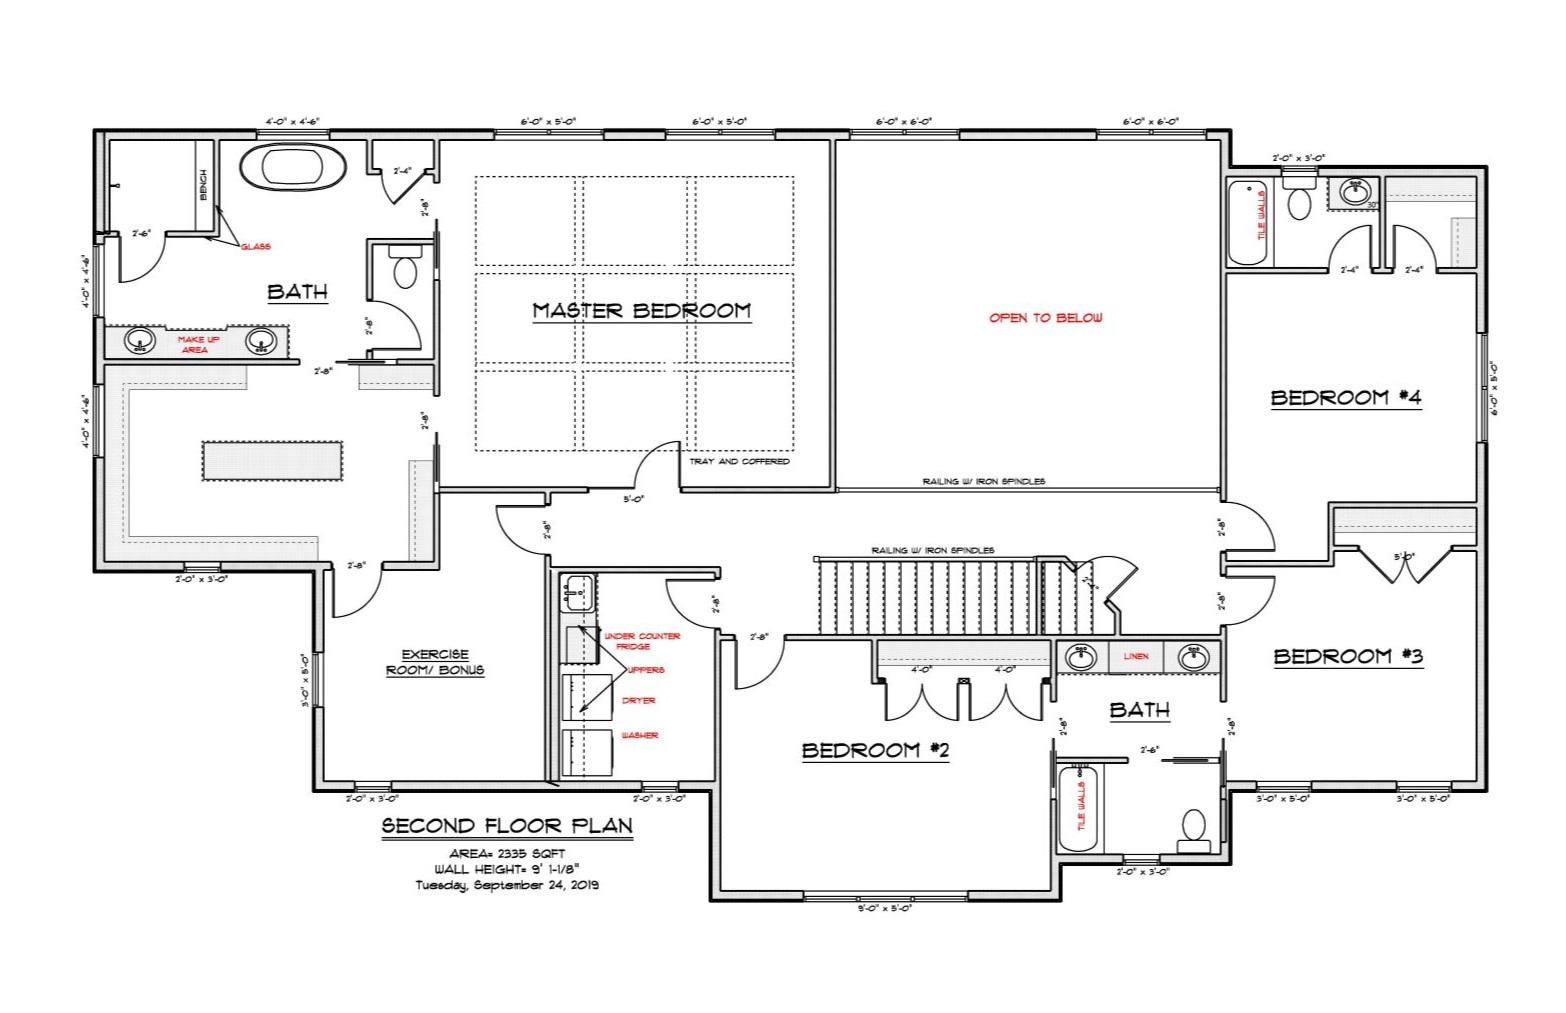 Floor+Plans-+North+Pointe+Shores_Page_3_sm.jpg